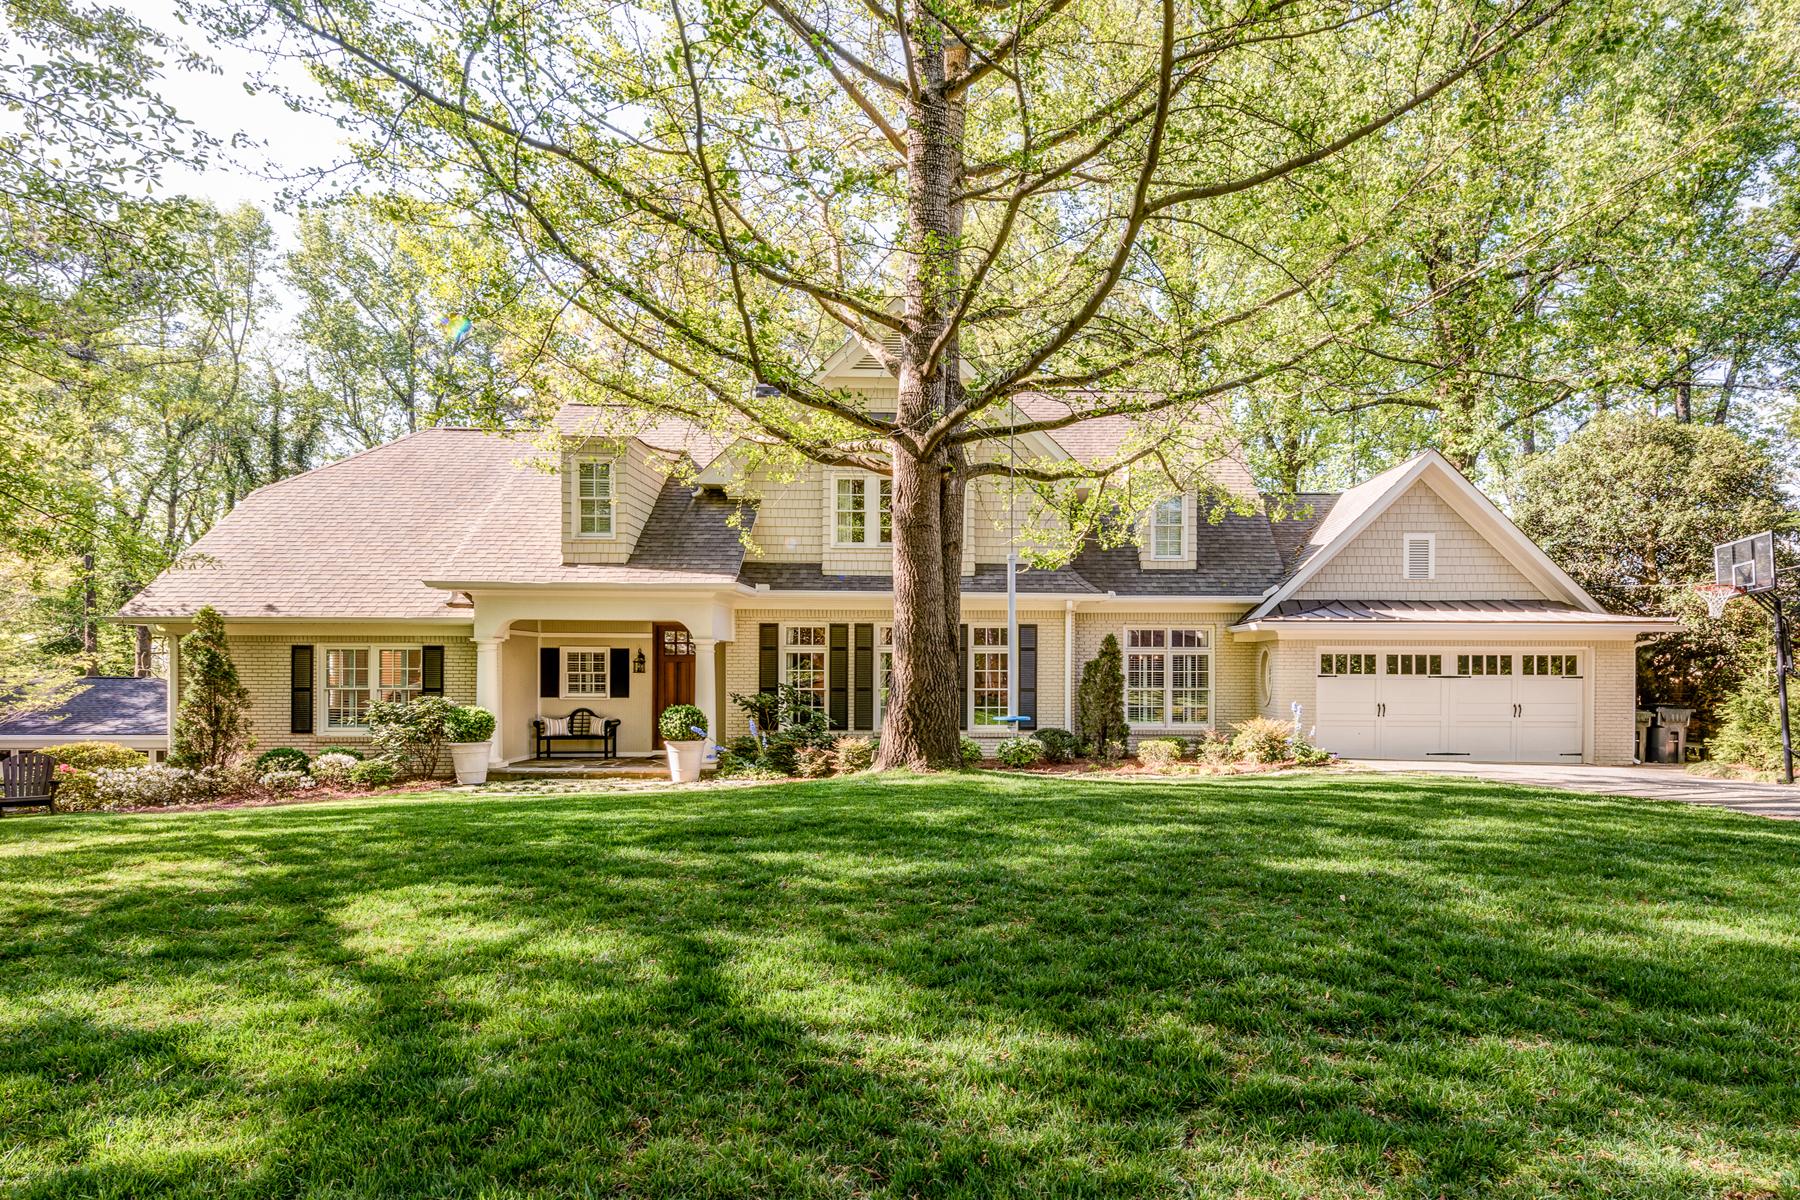 独户住宅 为 销售 在 Gorgeous Renovation 375 Montevallo Drive 桑迪, 乔治亚州, 30342 美国